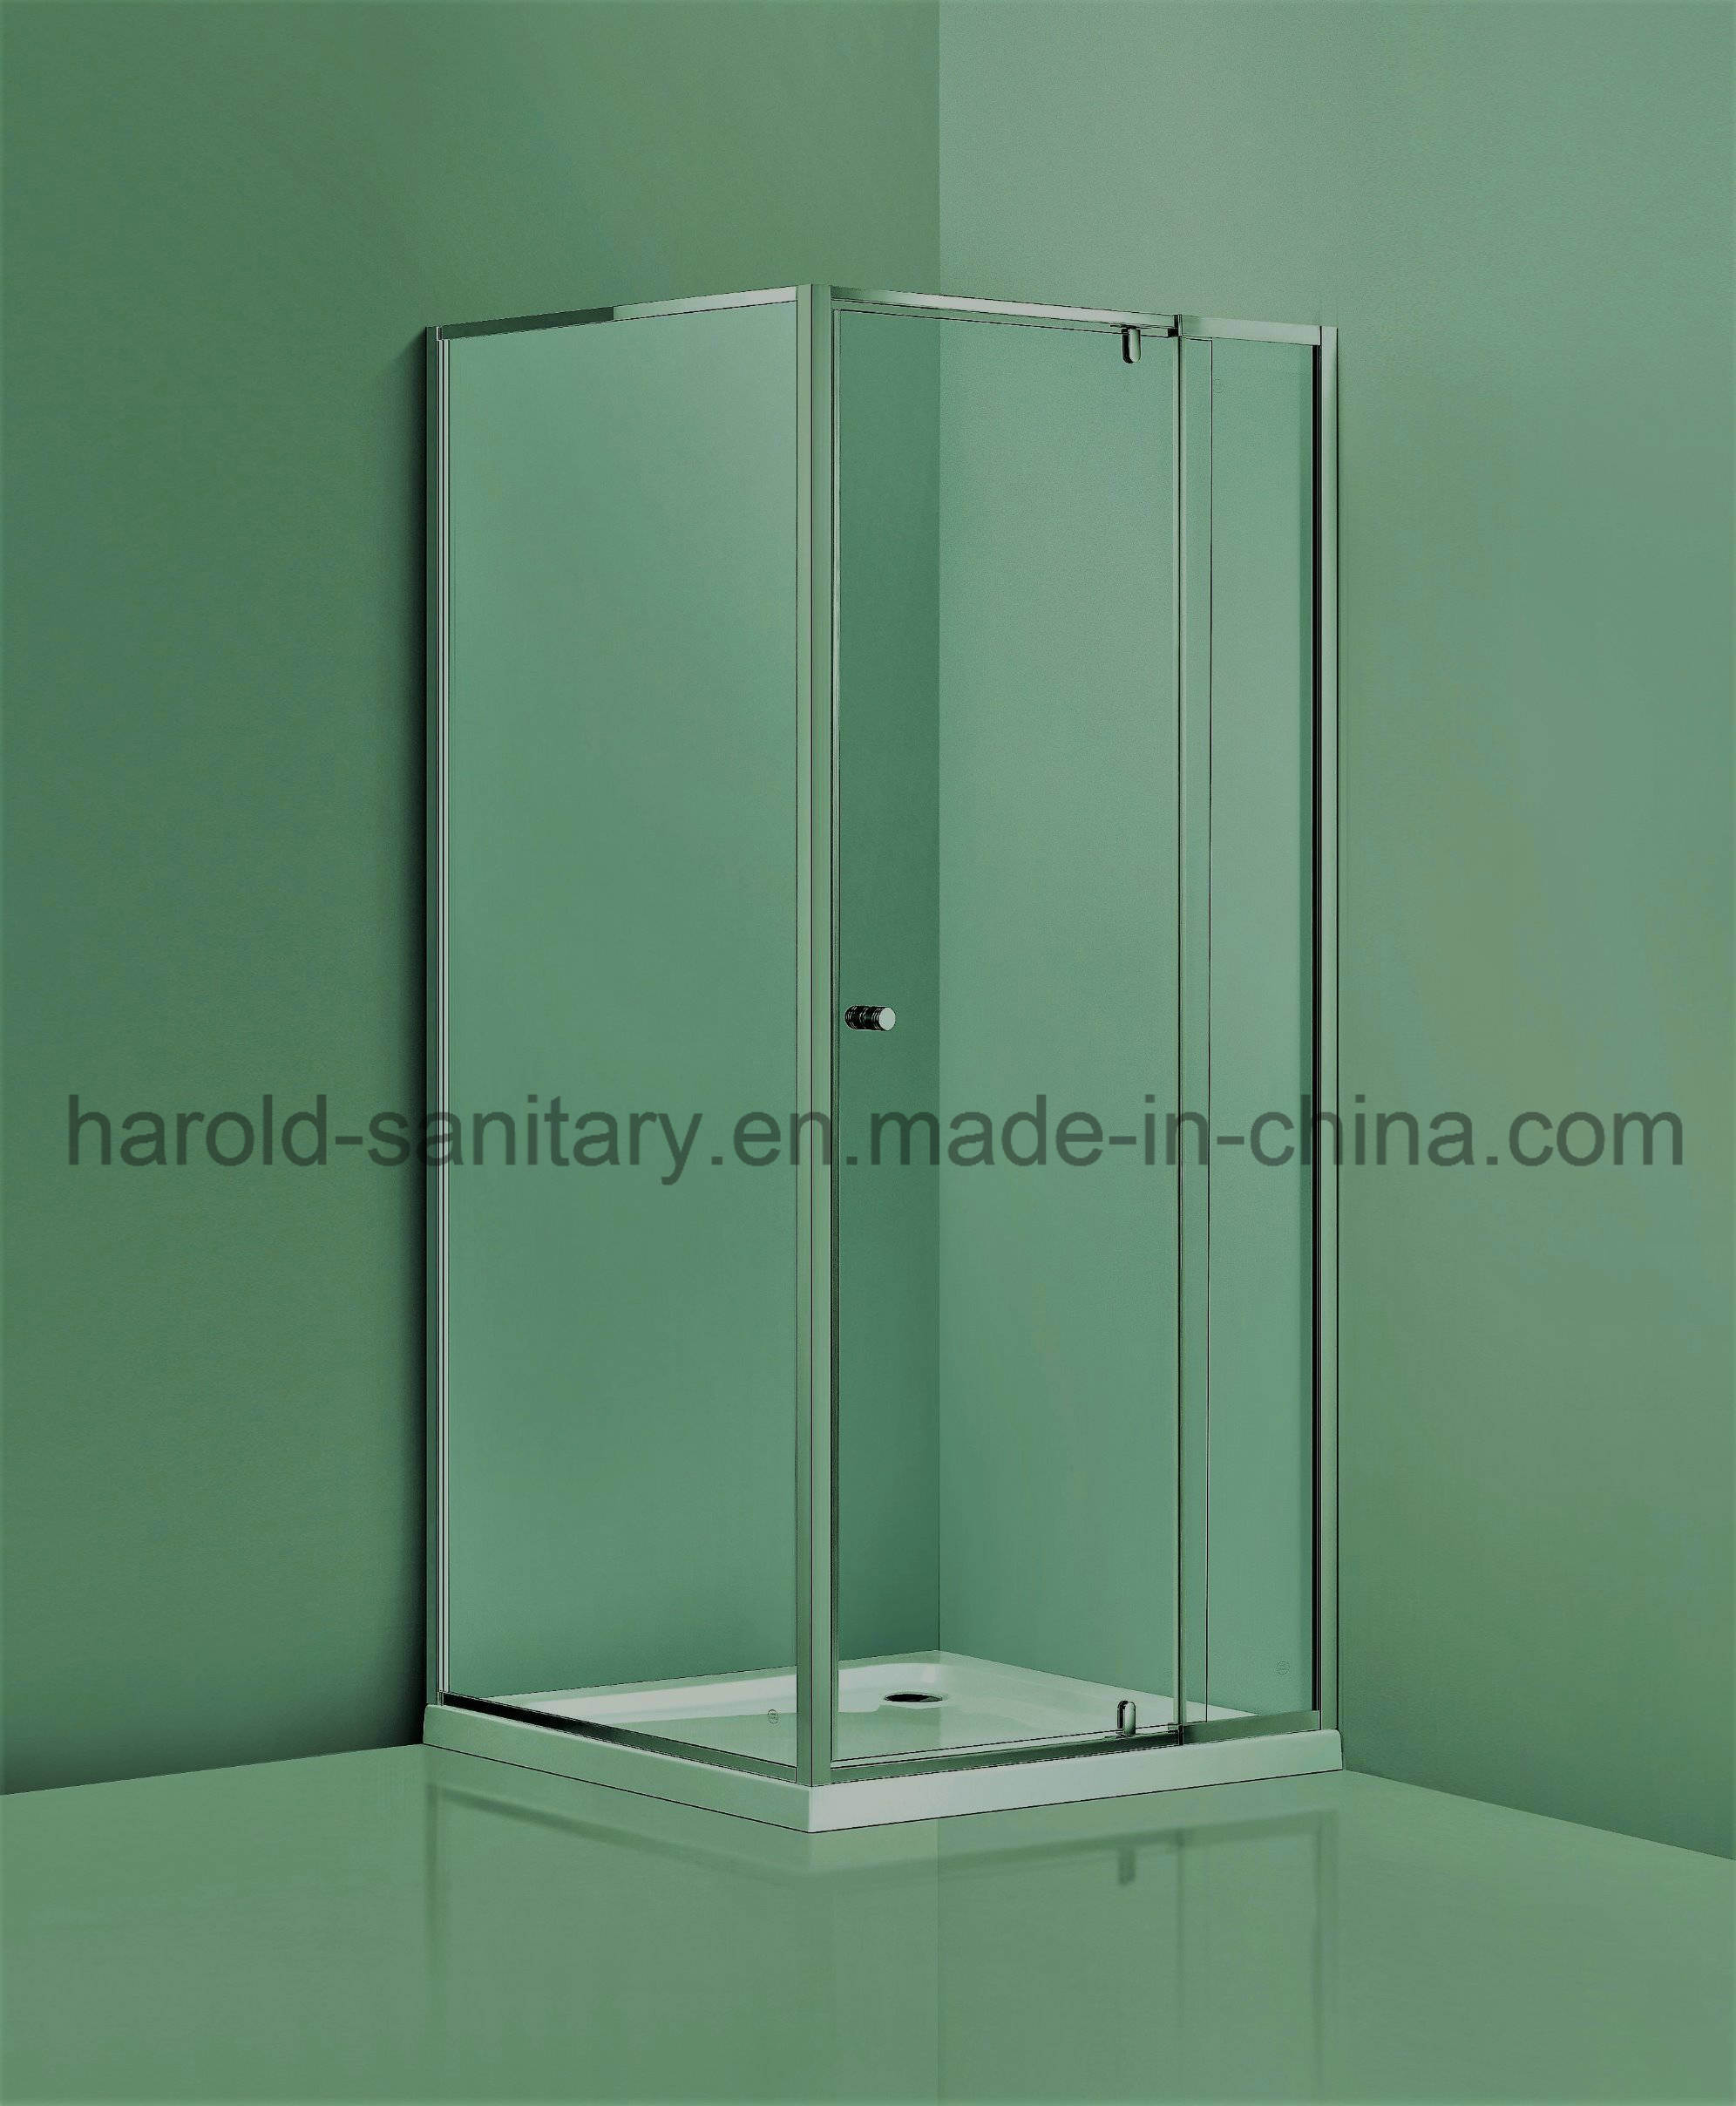 China Semi Frameless Small Corner Shower Screen - China Shower Door ...